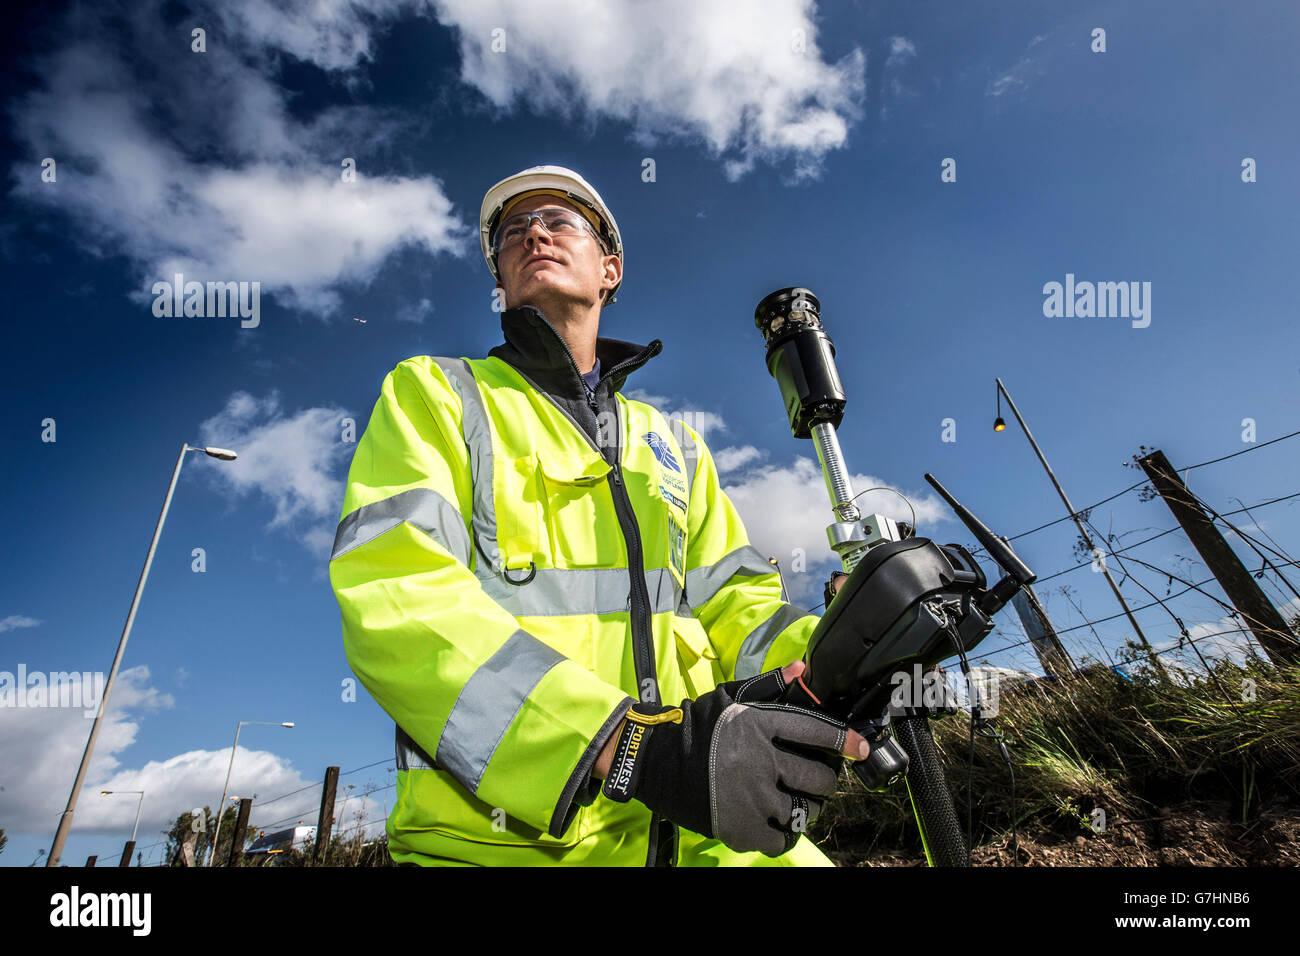 Surveyor sur site à l'aide de l'équipement d'arpentage Photo Stock